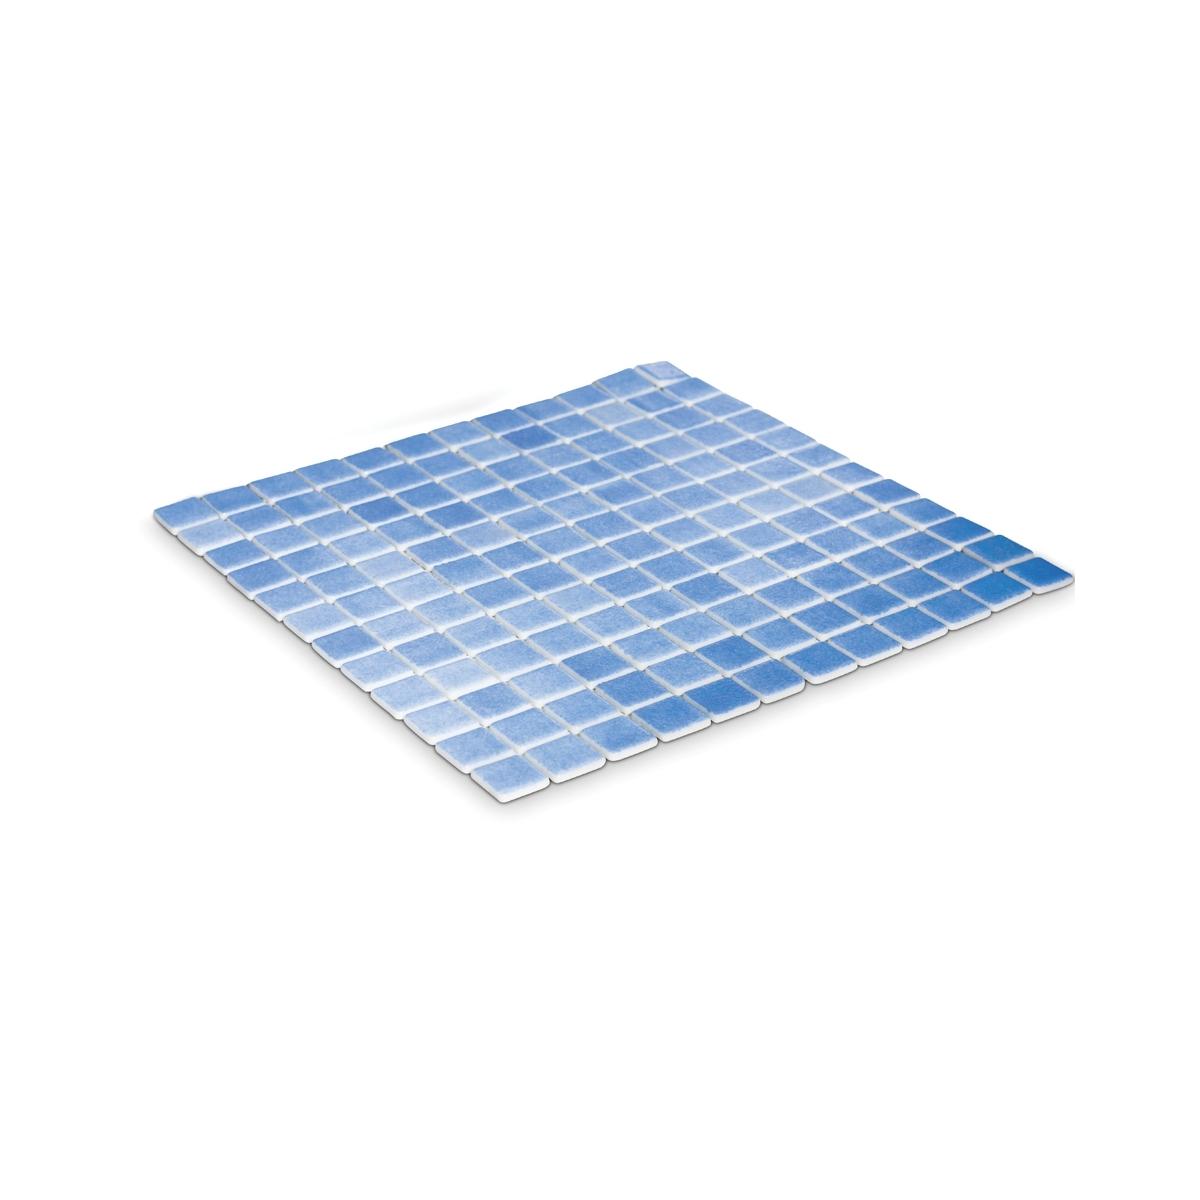 Vidrepur Revestimiento decorativo 110 azul niebla para fachadas, baños y piscina